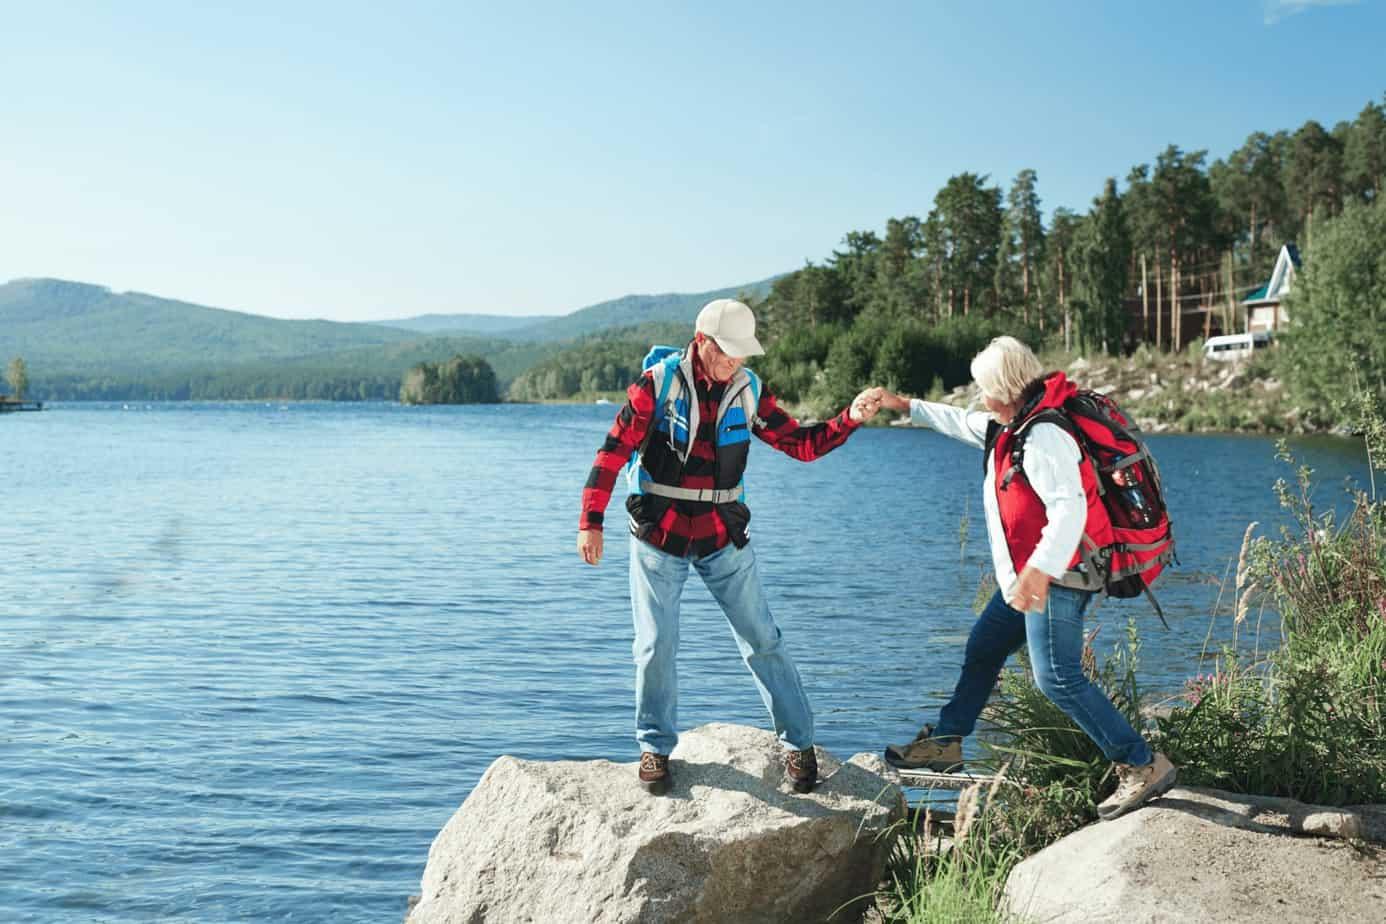 an elderly couple having an adventure on a cliff beside a beach